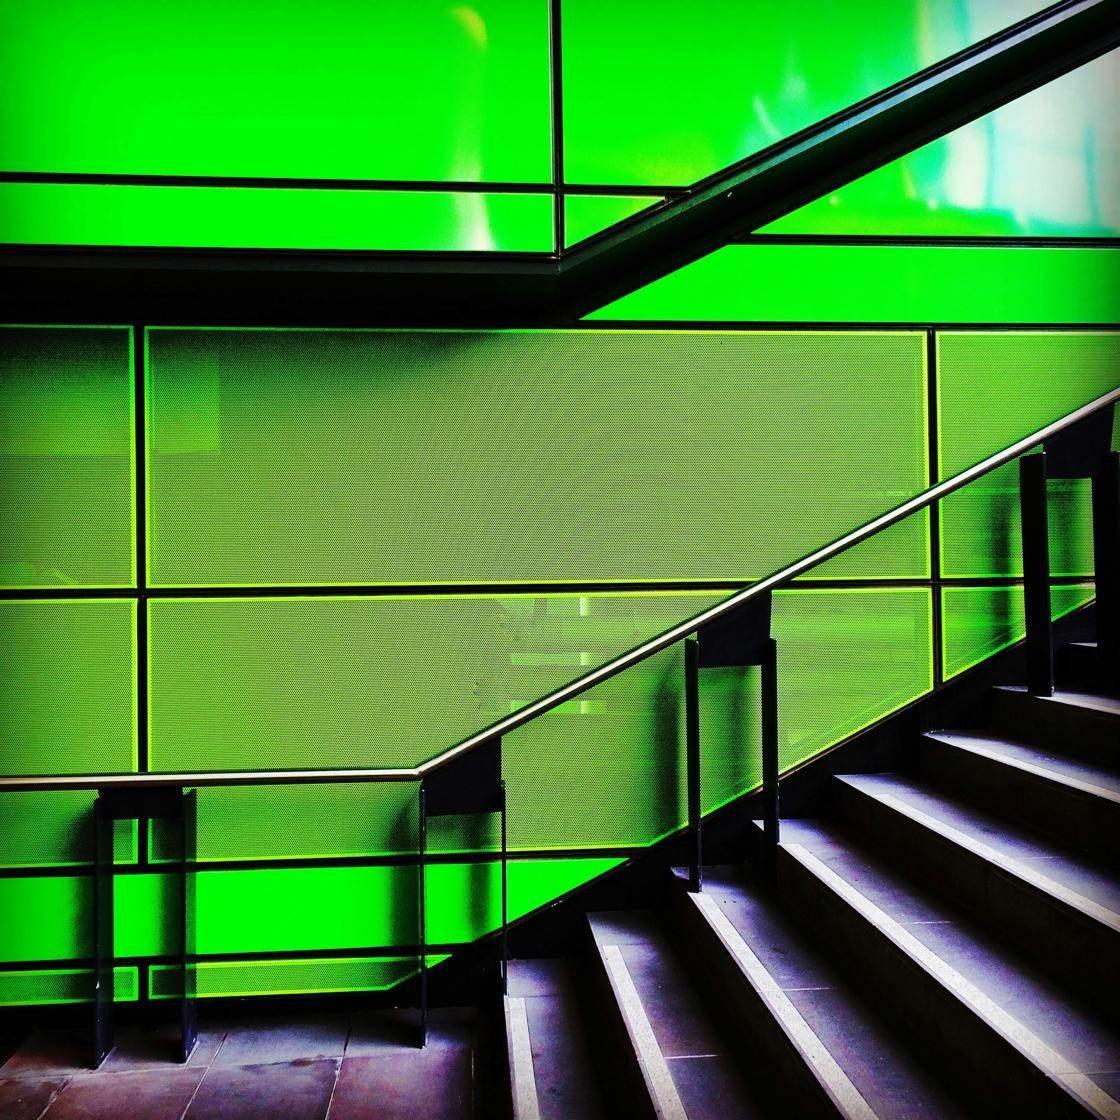 green_iphone_photos-24 no script